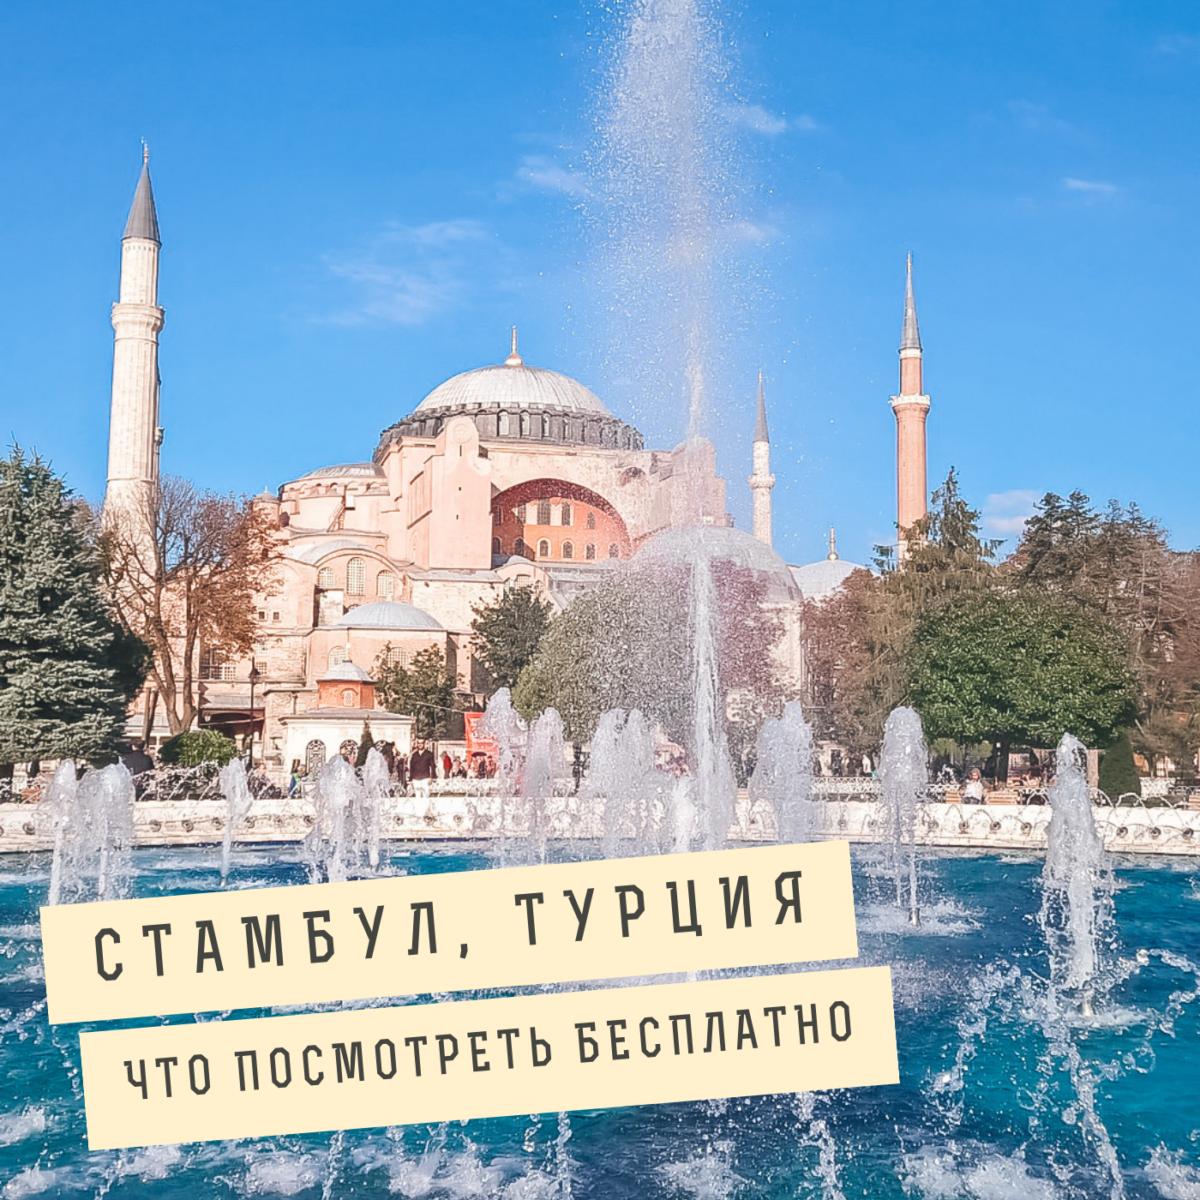 Что бесплатно в Стамбуле